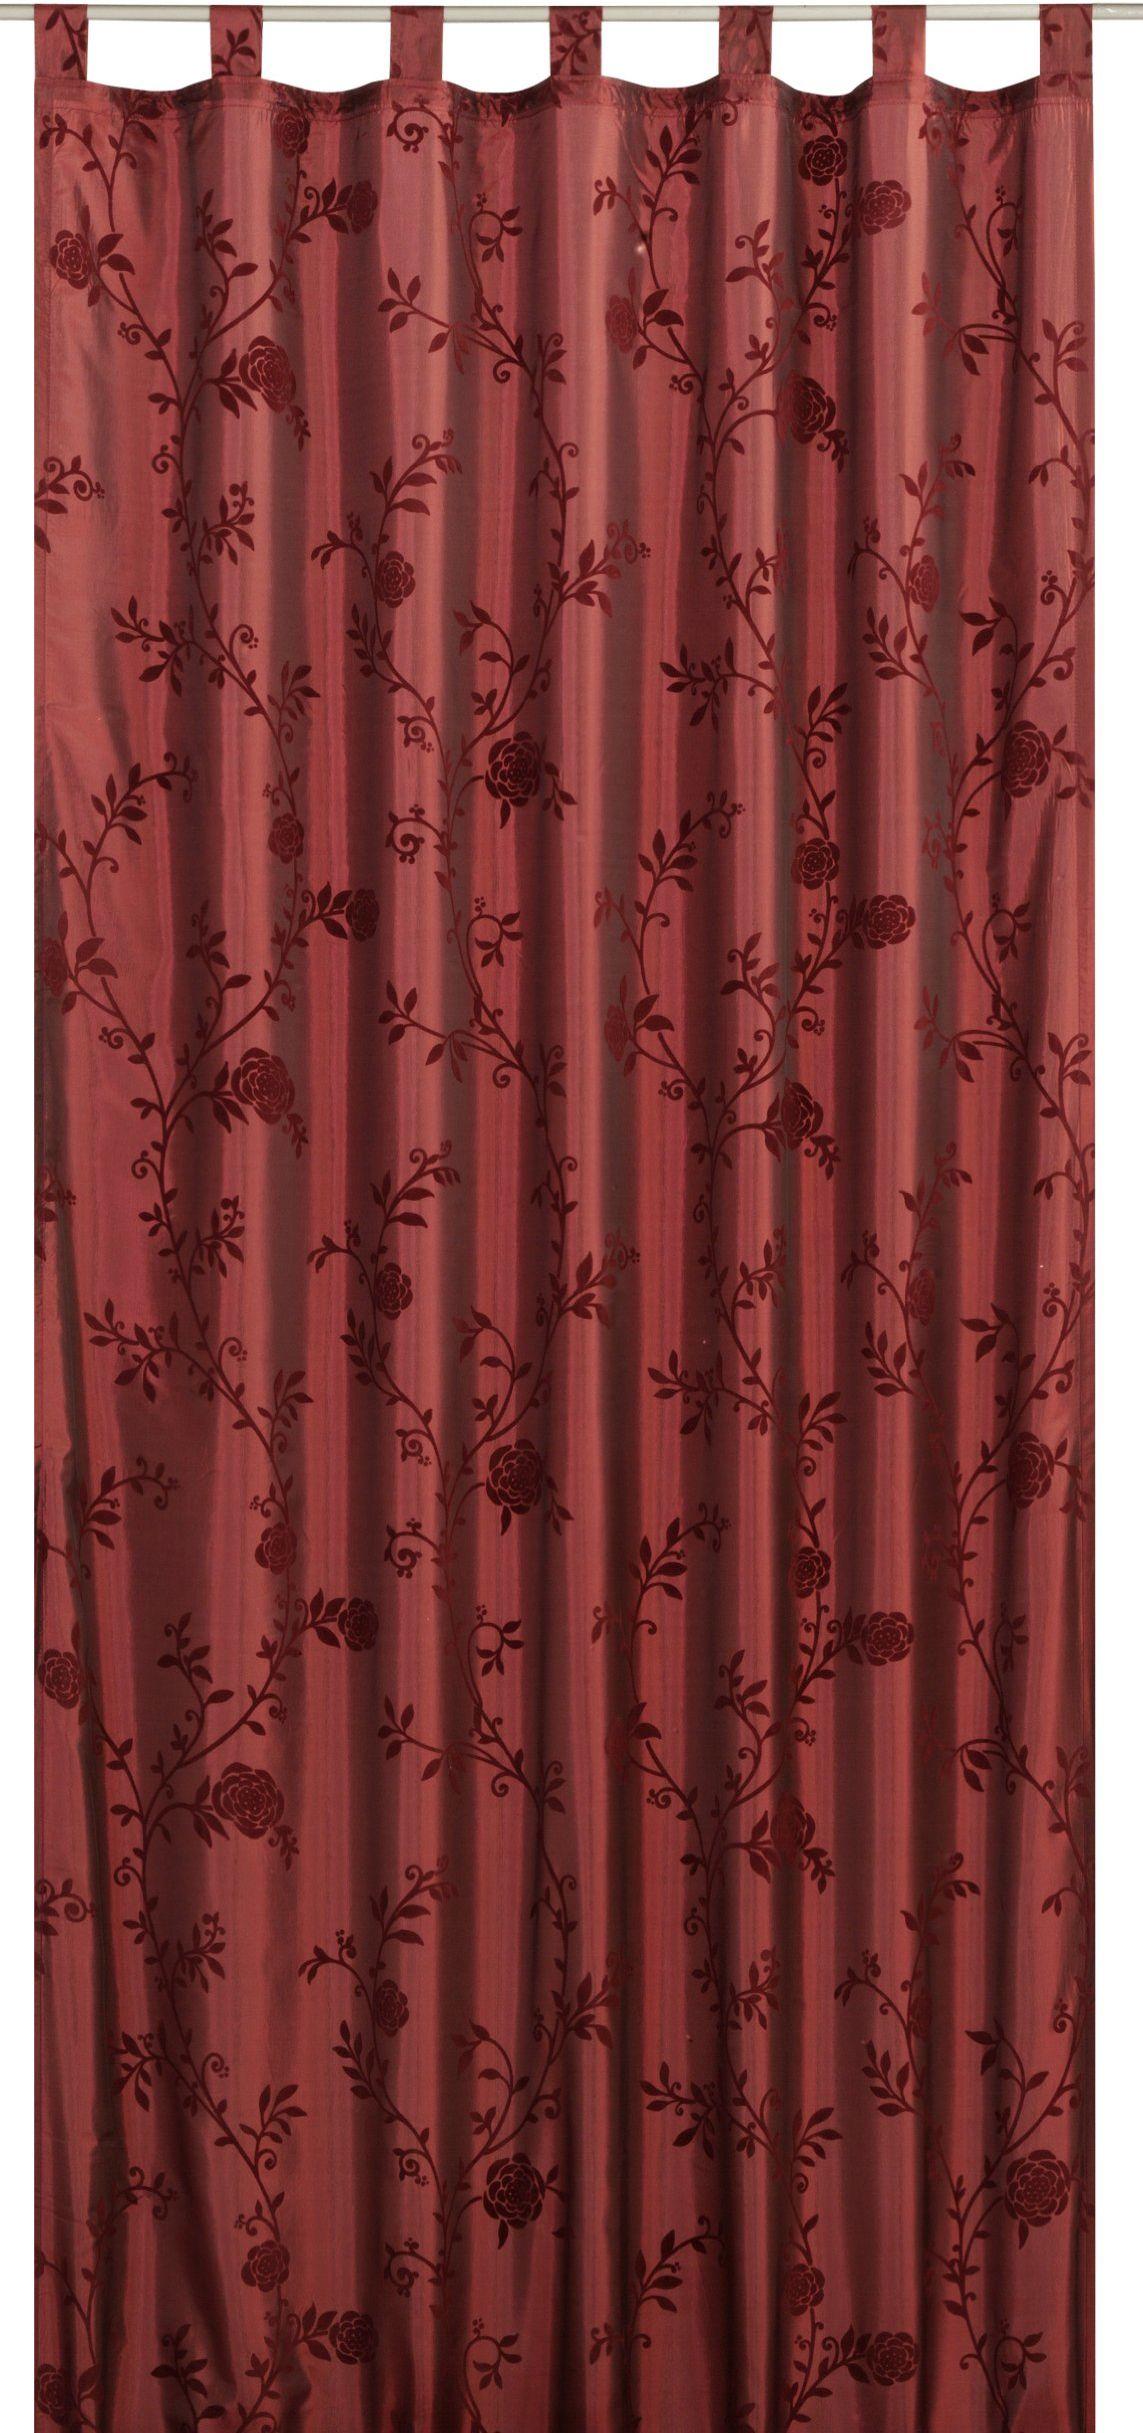 Elbersdrucke Bonjour Taft 14 gotowa dekoracja, poliester, bordowy, czerwony, 255 x 140 cm